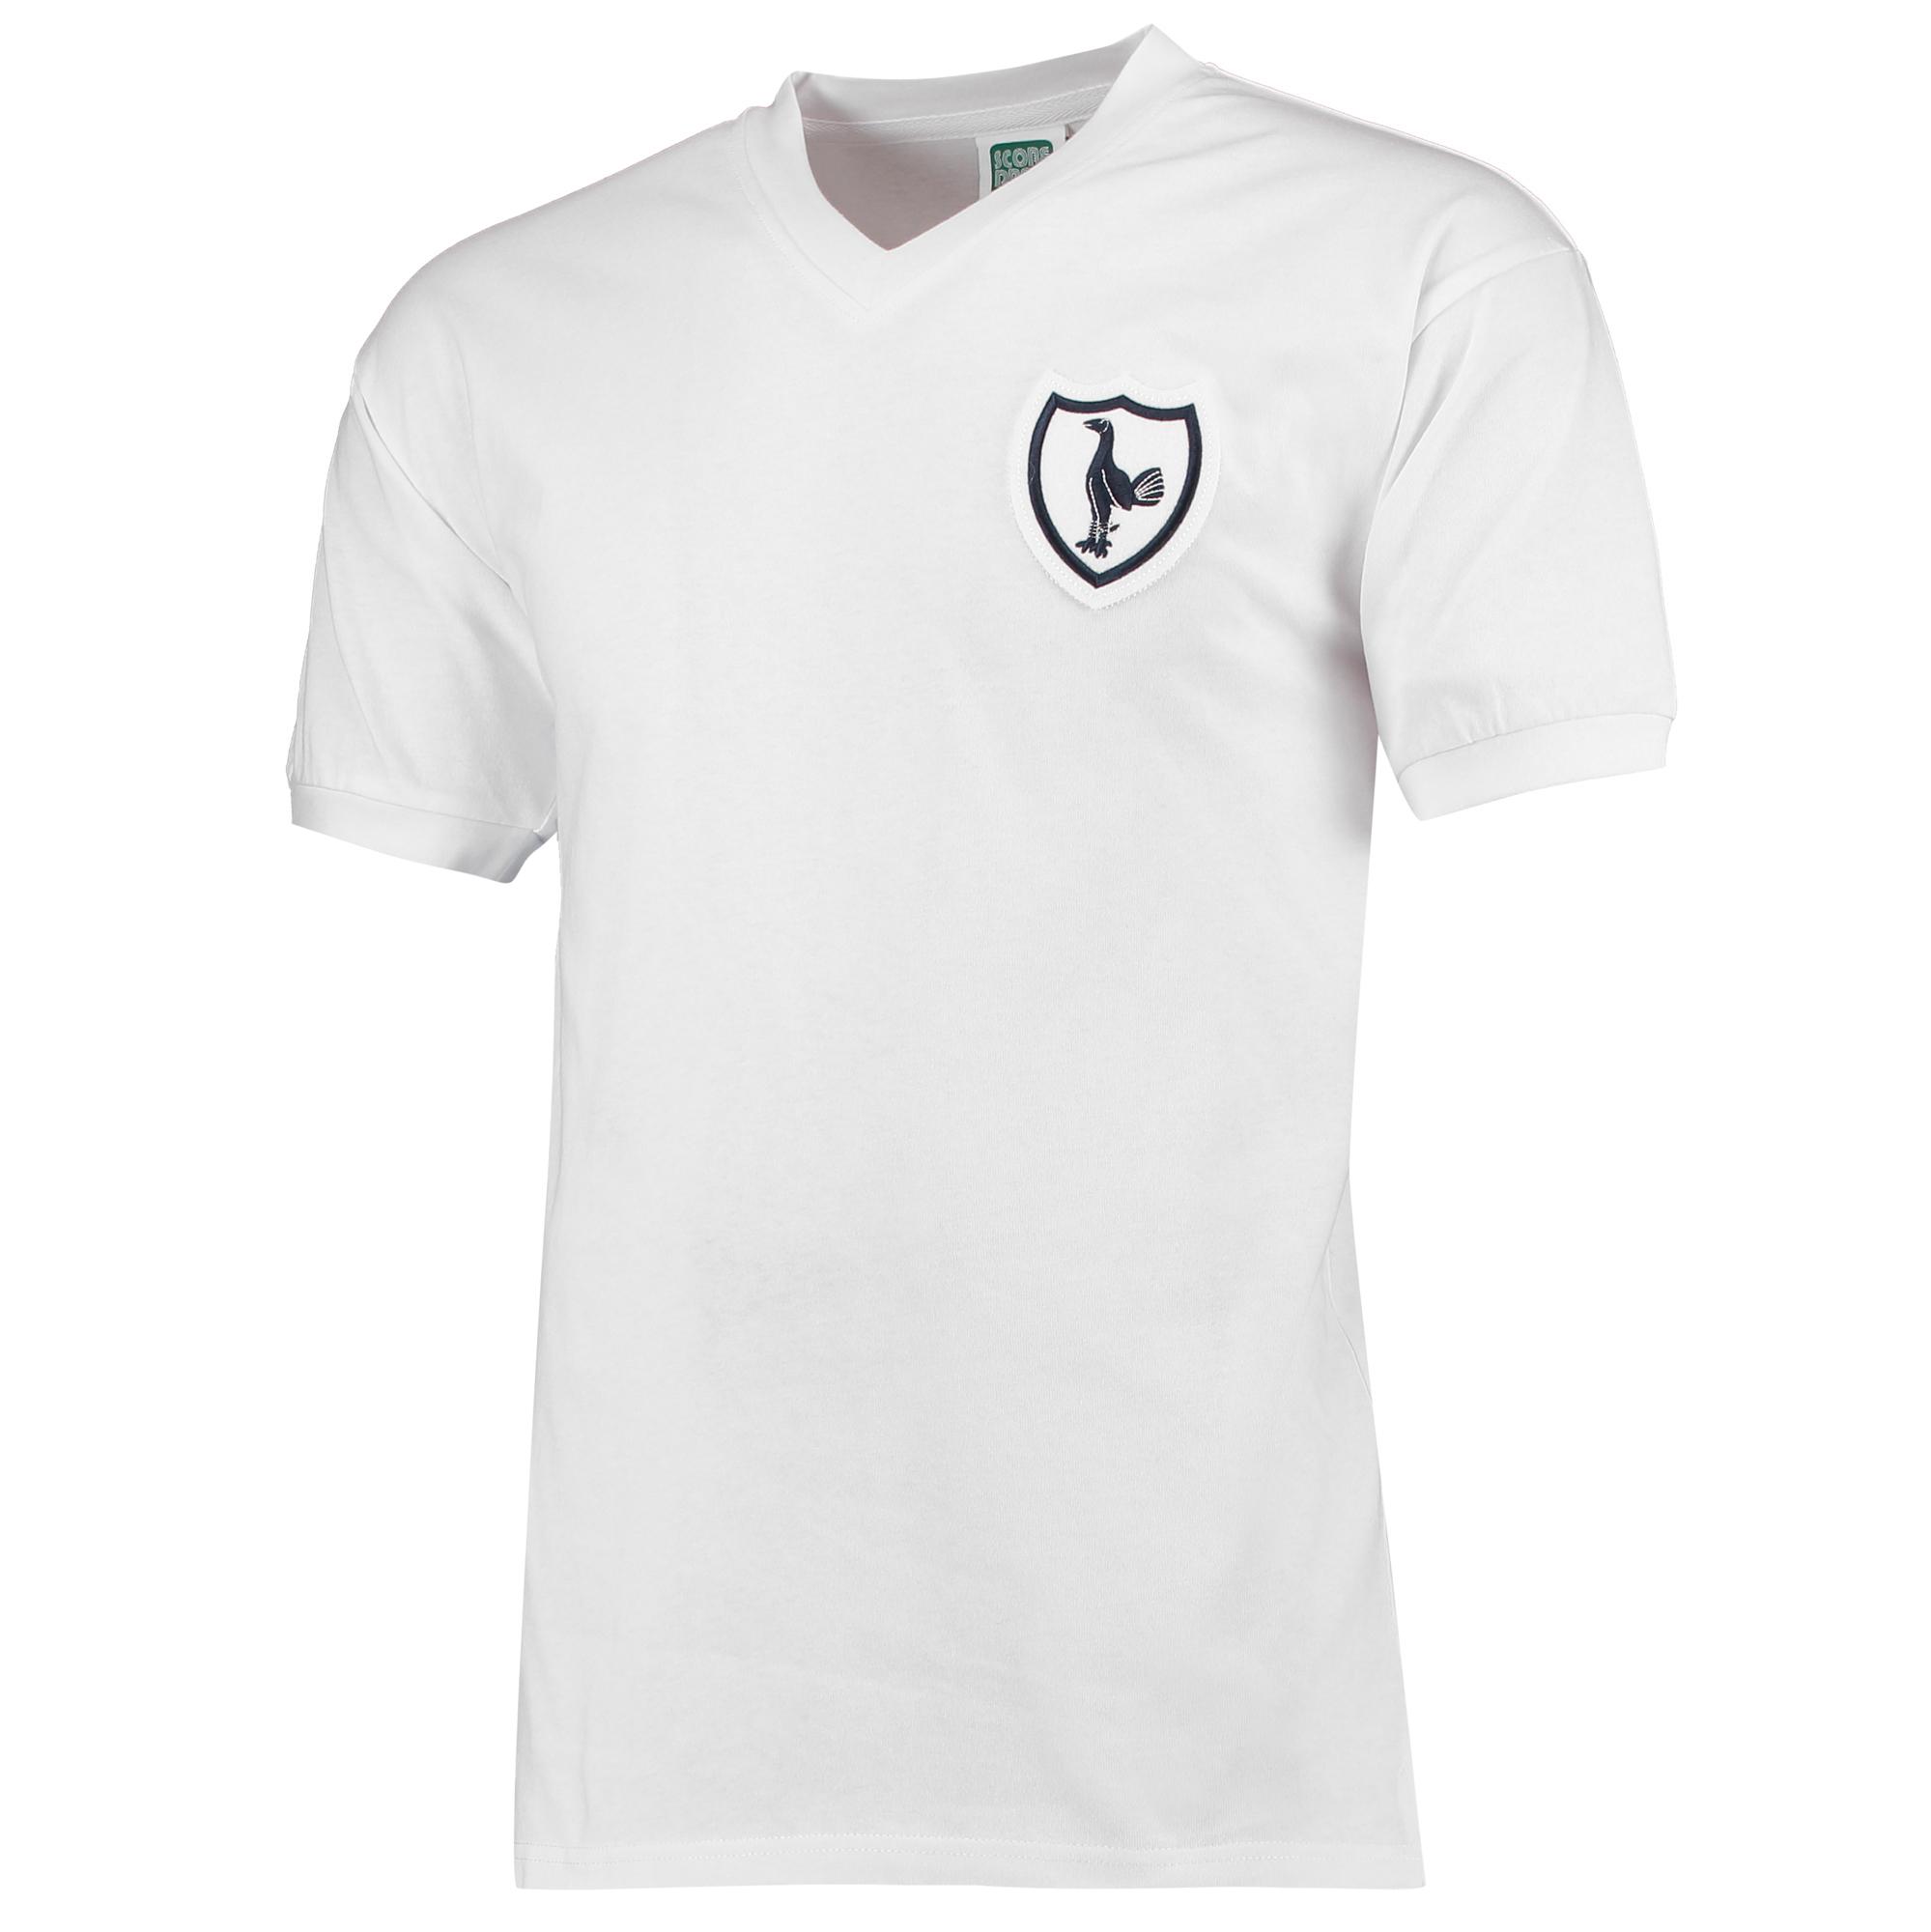 Tottenham Hotspur 1962 No8 shirt